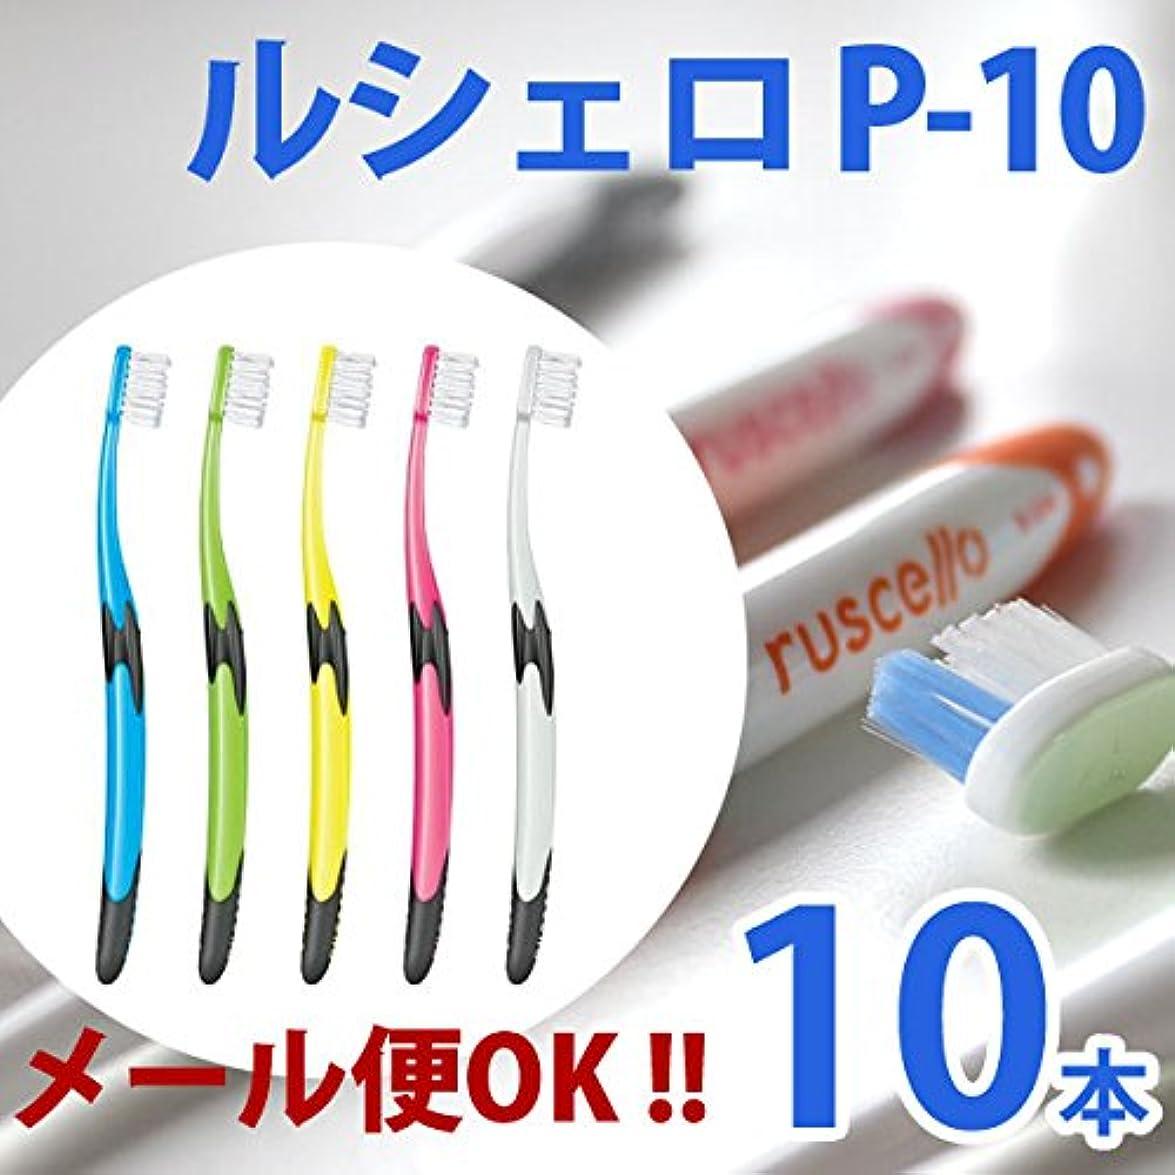 快いプログレッシブコントラストルシェロ GCシェロ 歯ブラシP-10 5色アソート 10本セット 歯周疾患の方向け。極細のテーパー毛が S